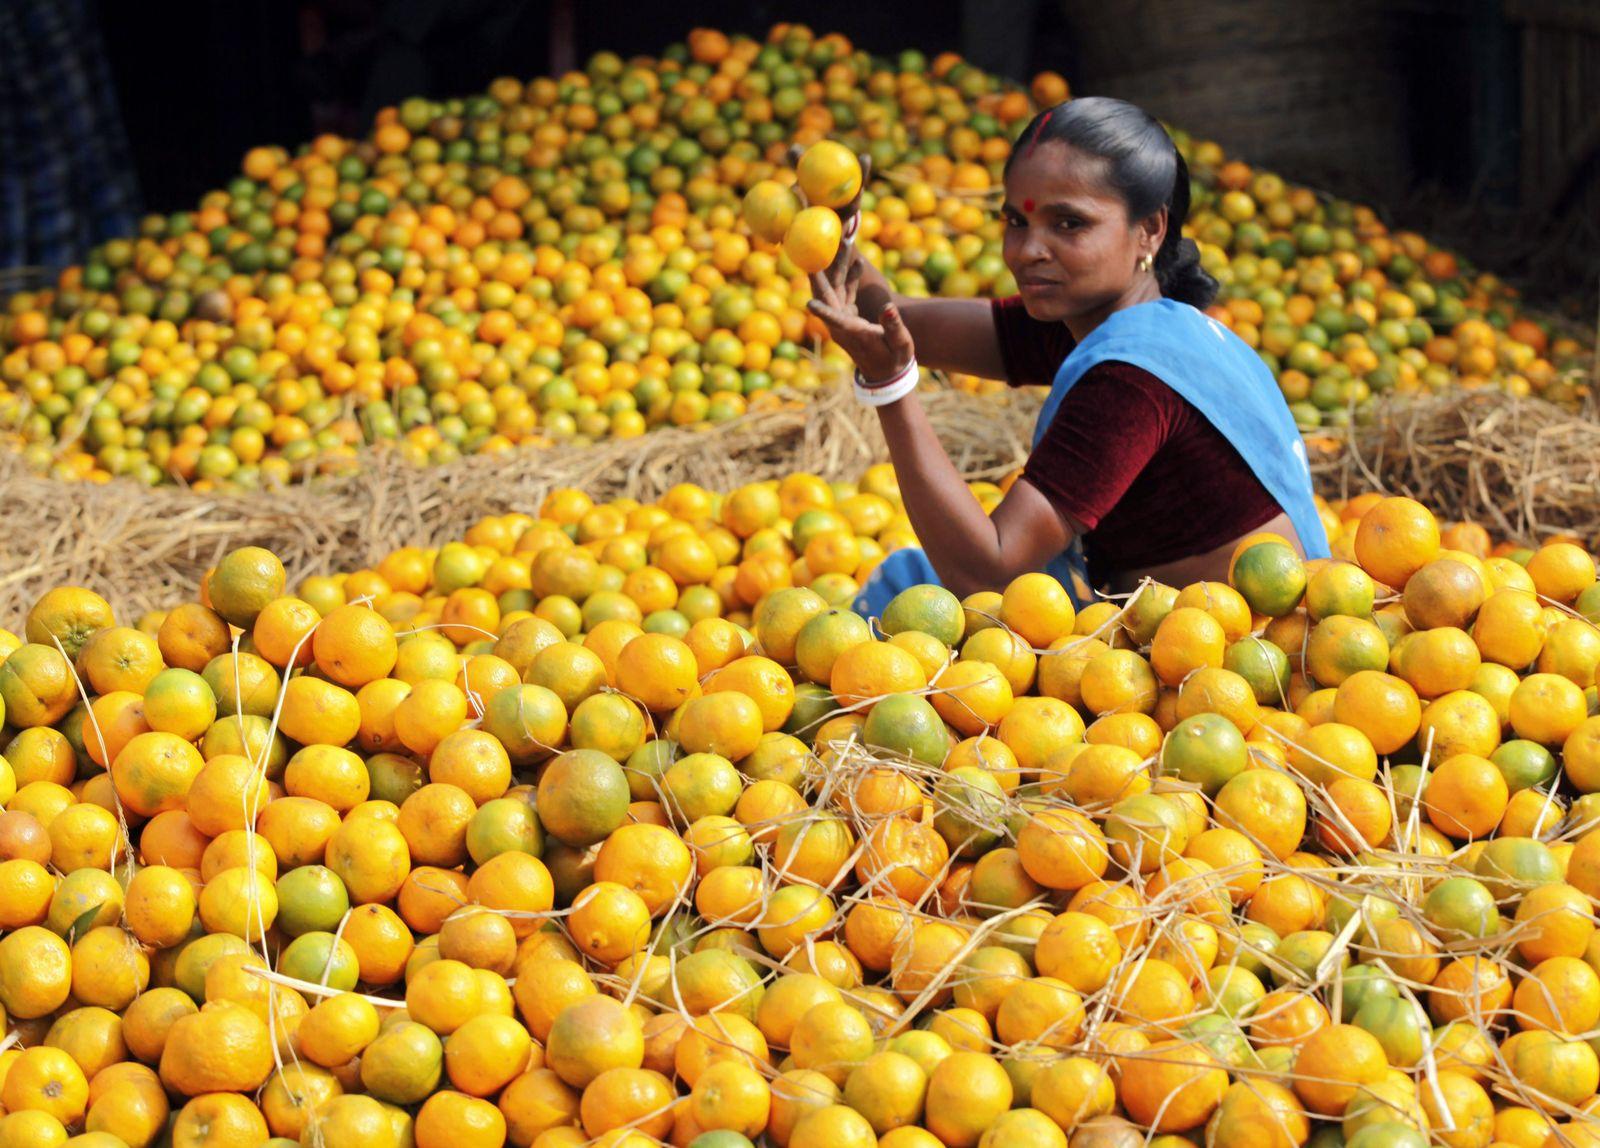 Indien Wirtschaft / Markt in Ahmedabad / Gemüse / Obst / Nahrungsmittel / Lebensmittel / Inflation